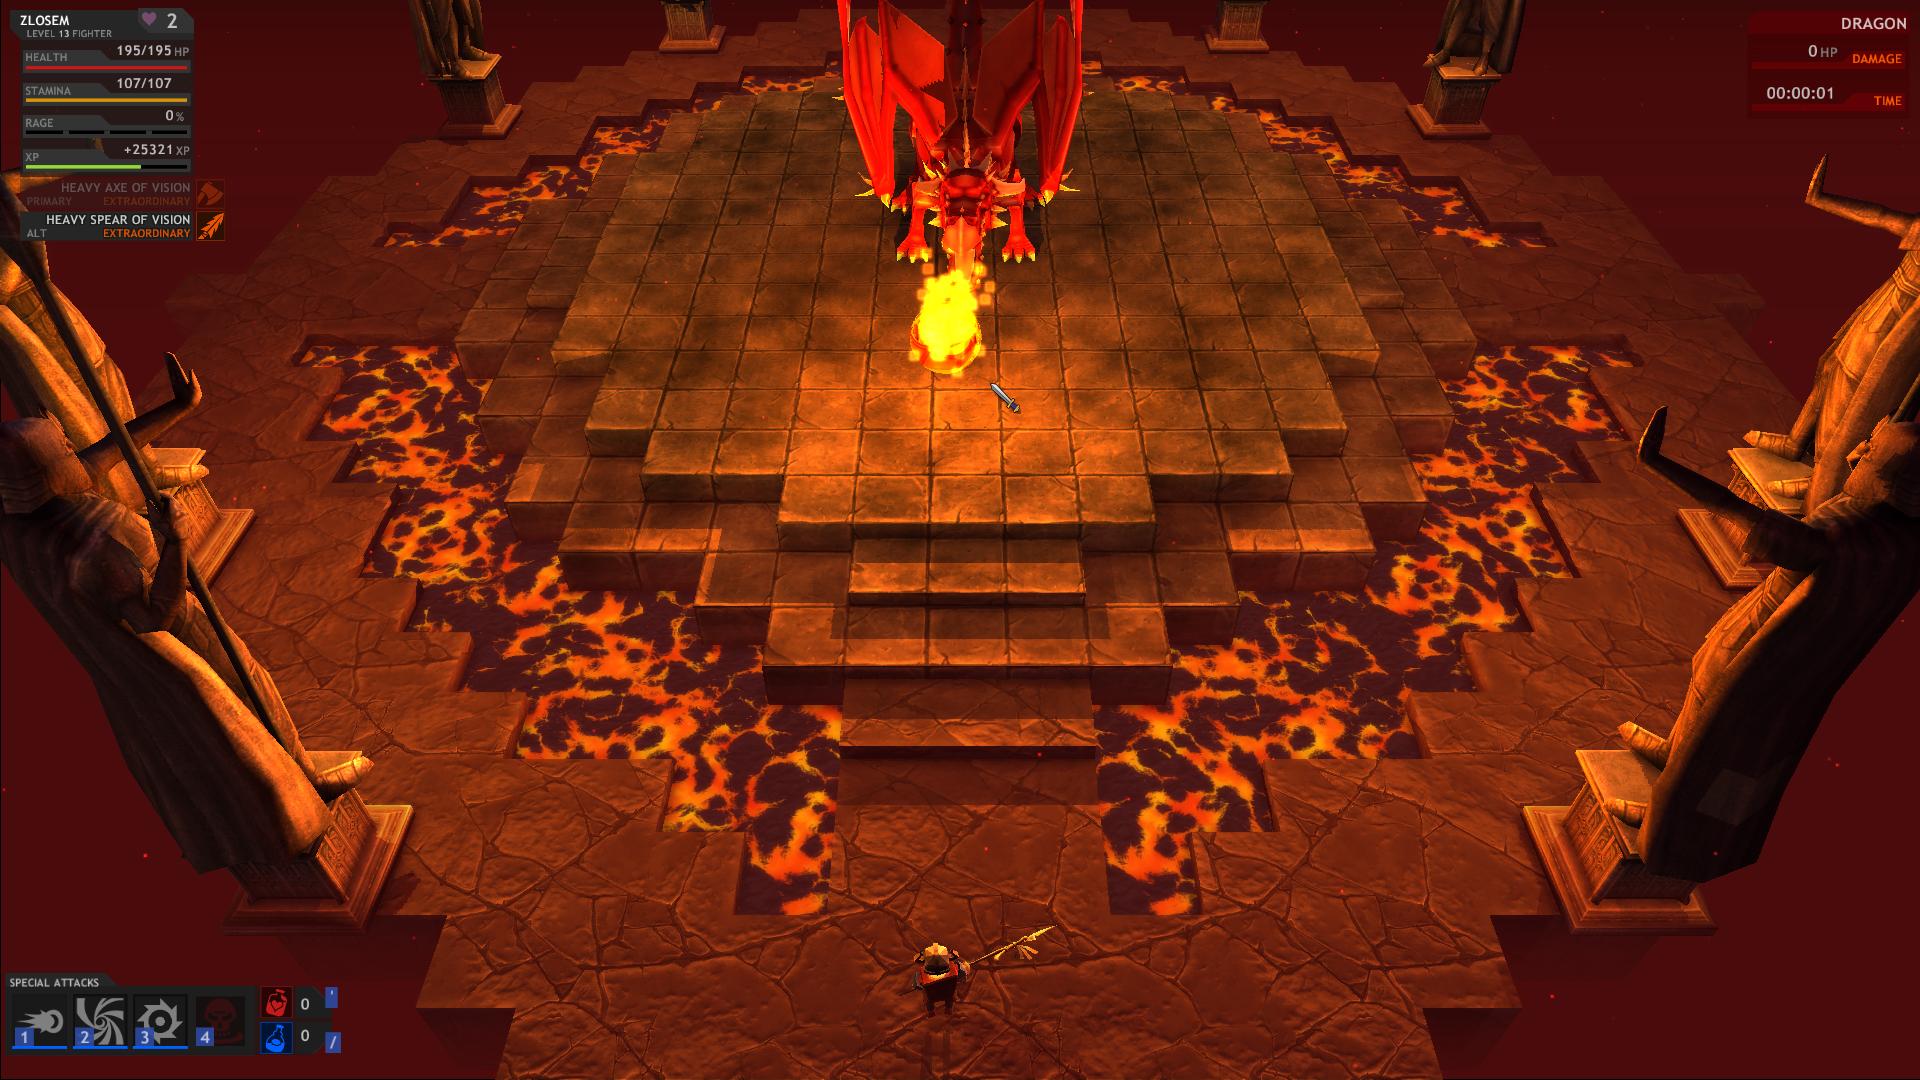 Обзор Fight The Dragon - Изображение 3